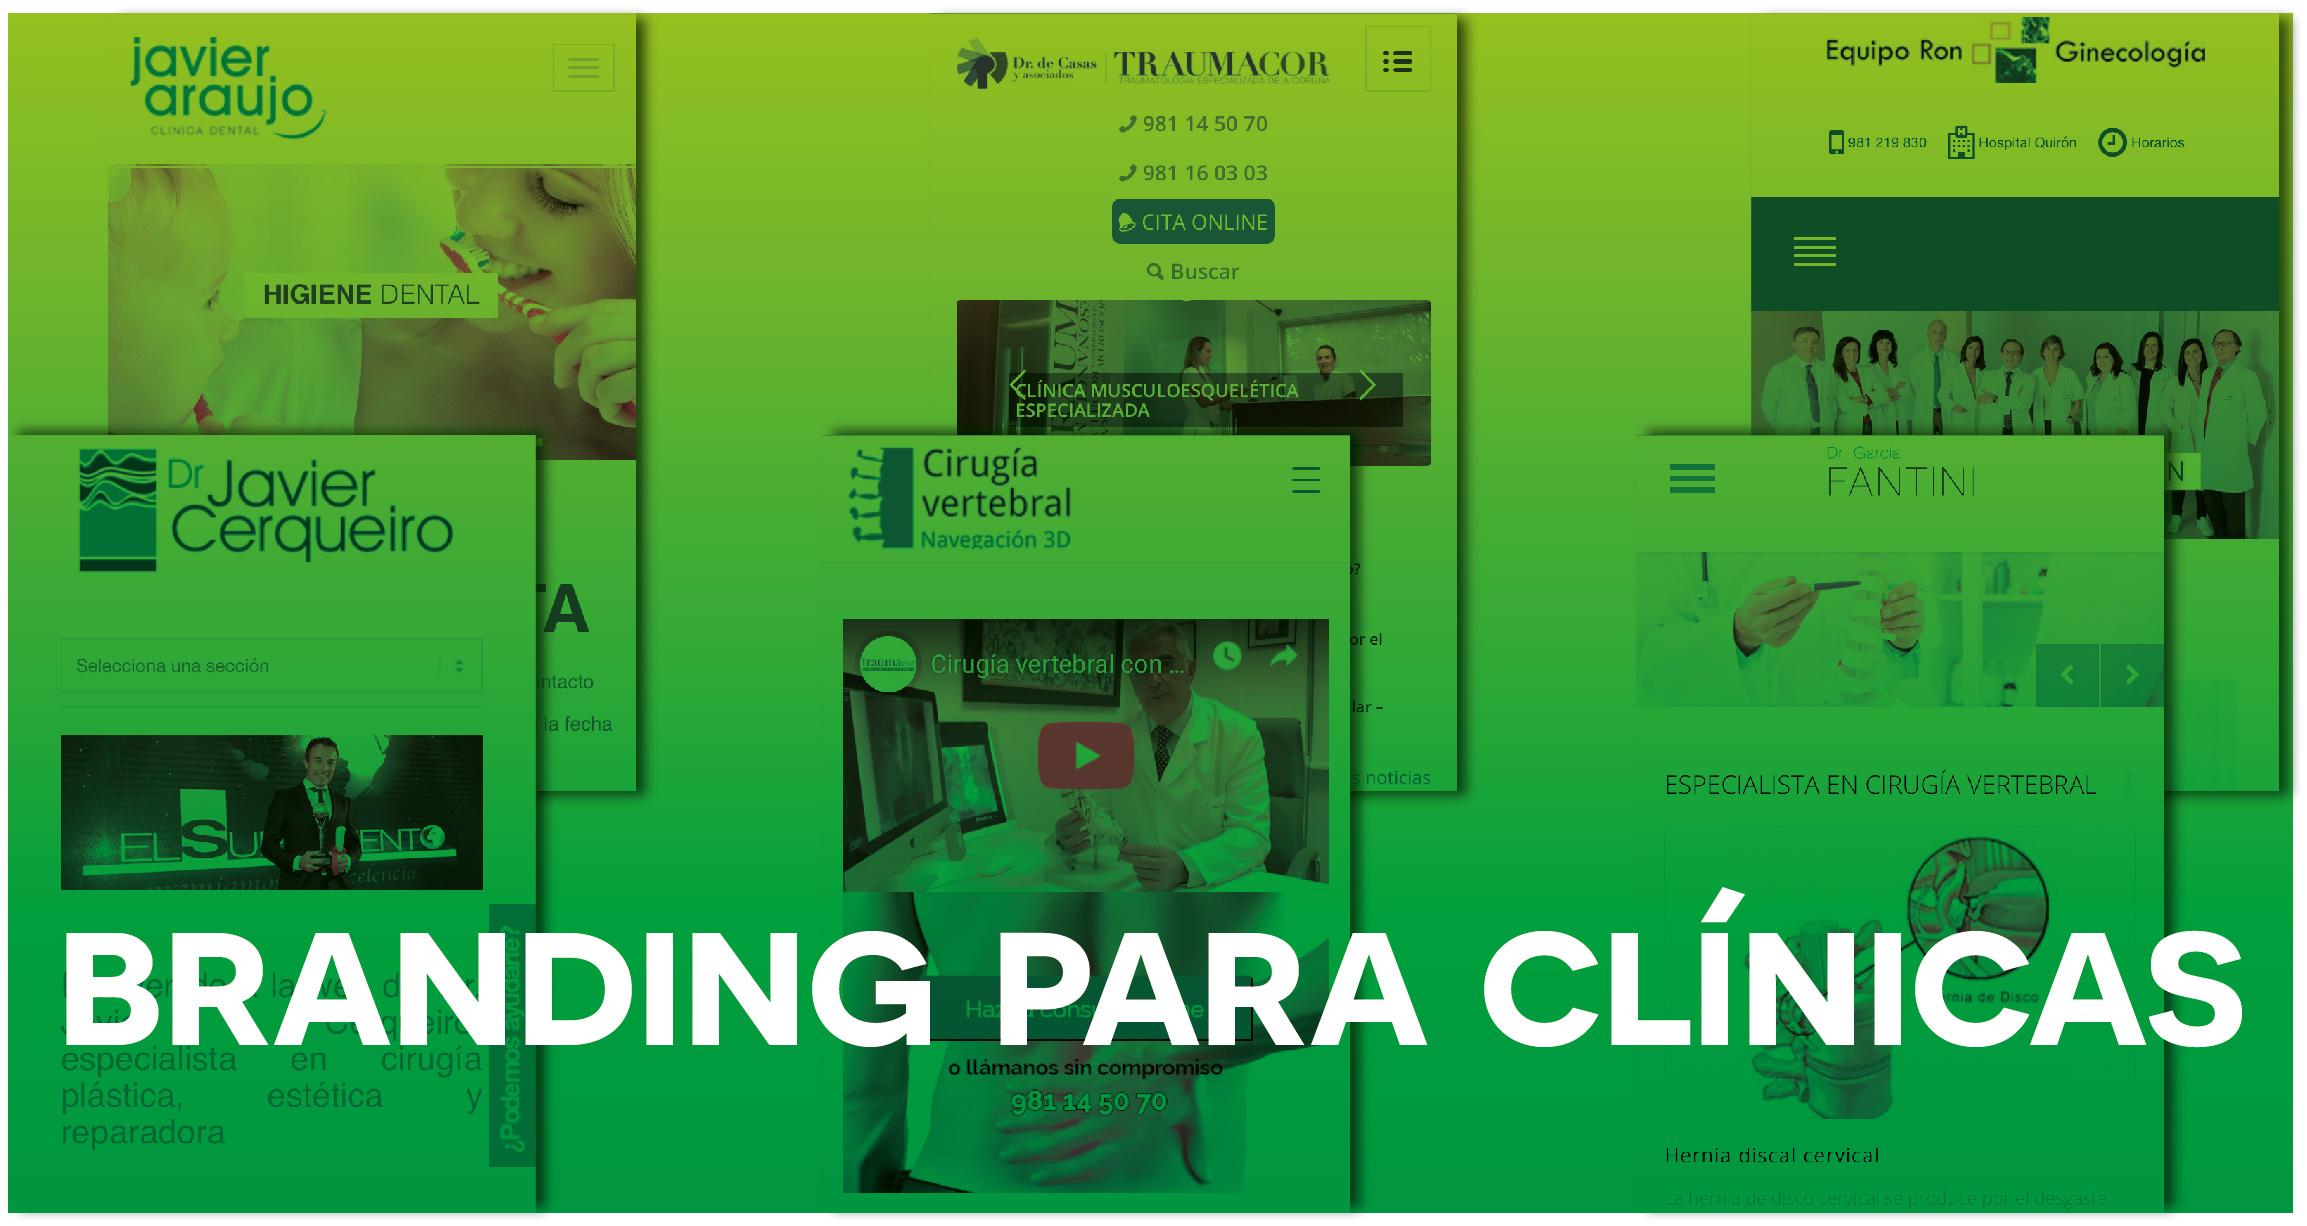 BP - BRANDING PARA clinicas